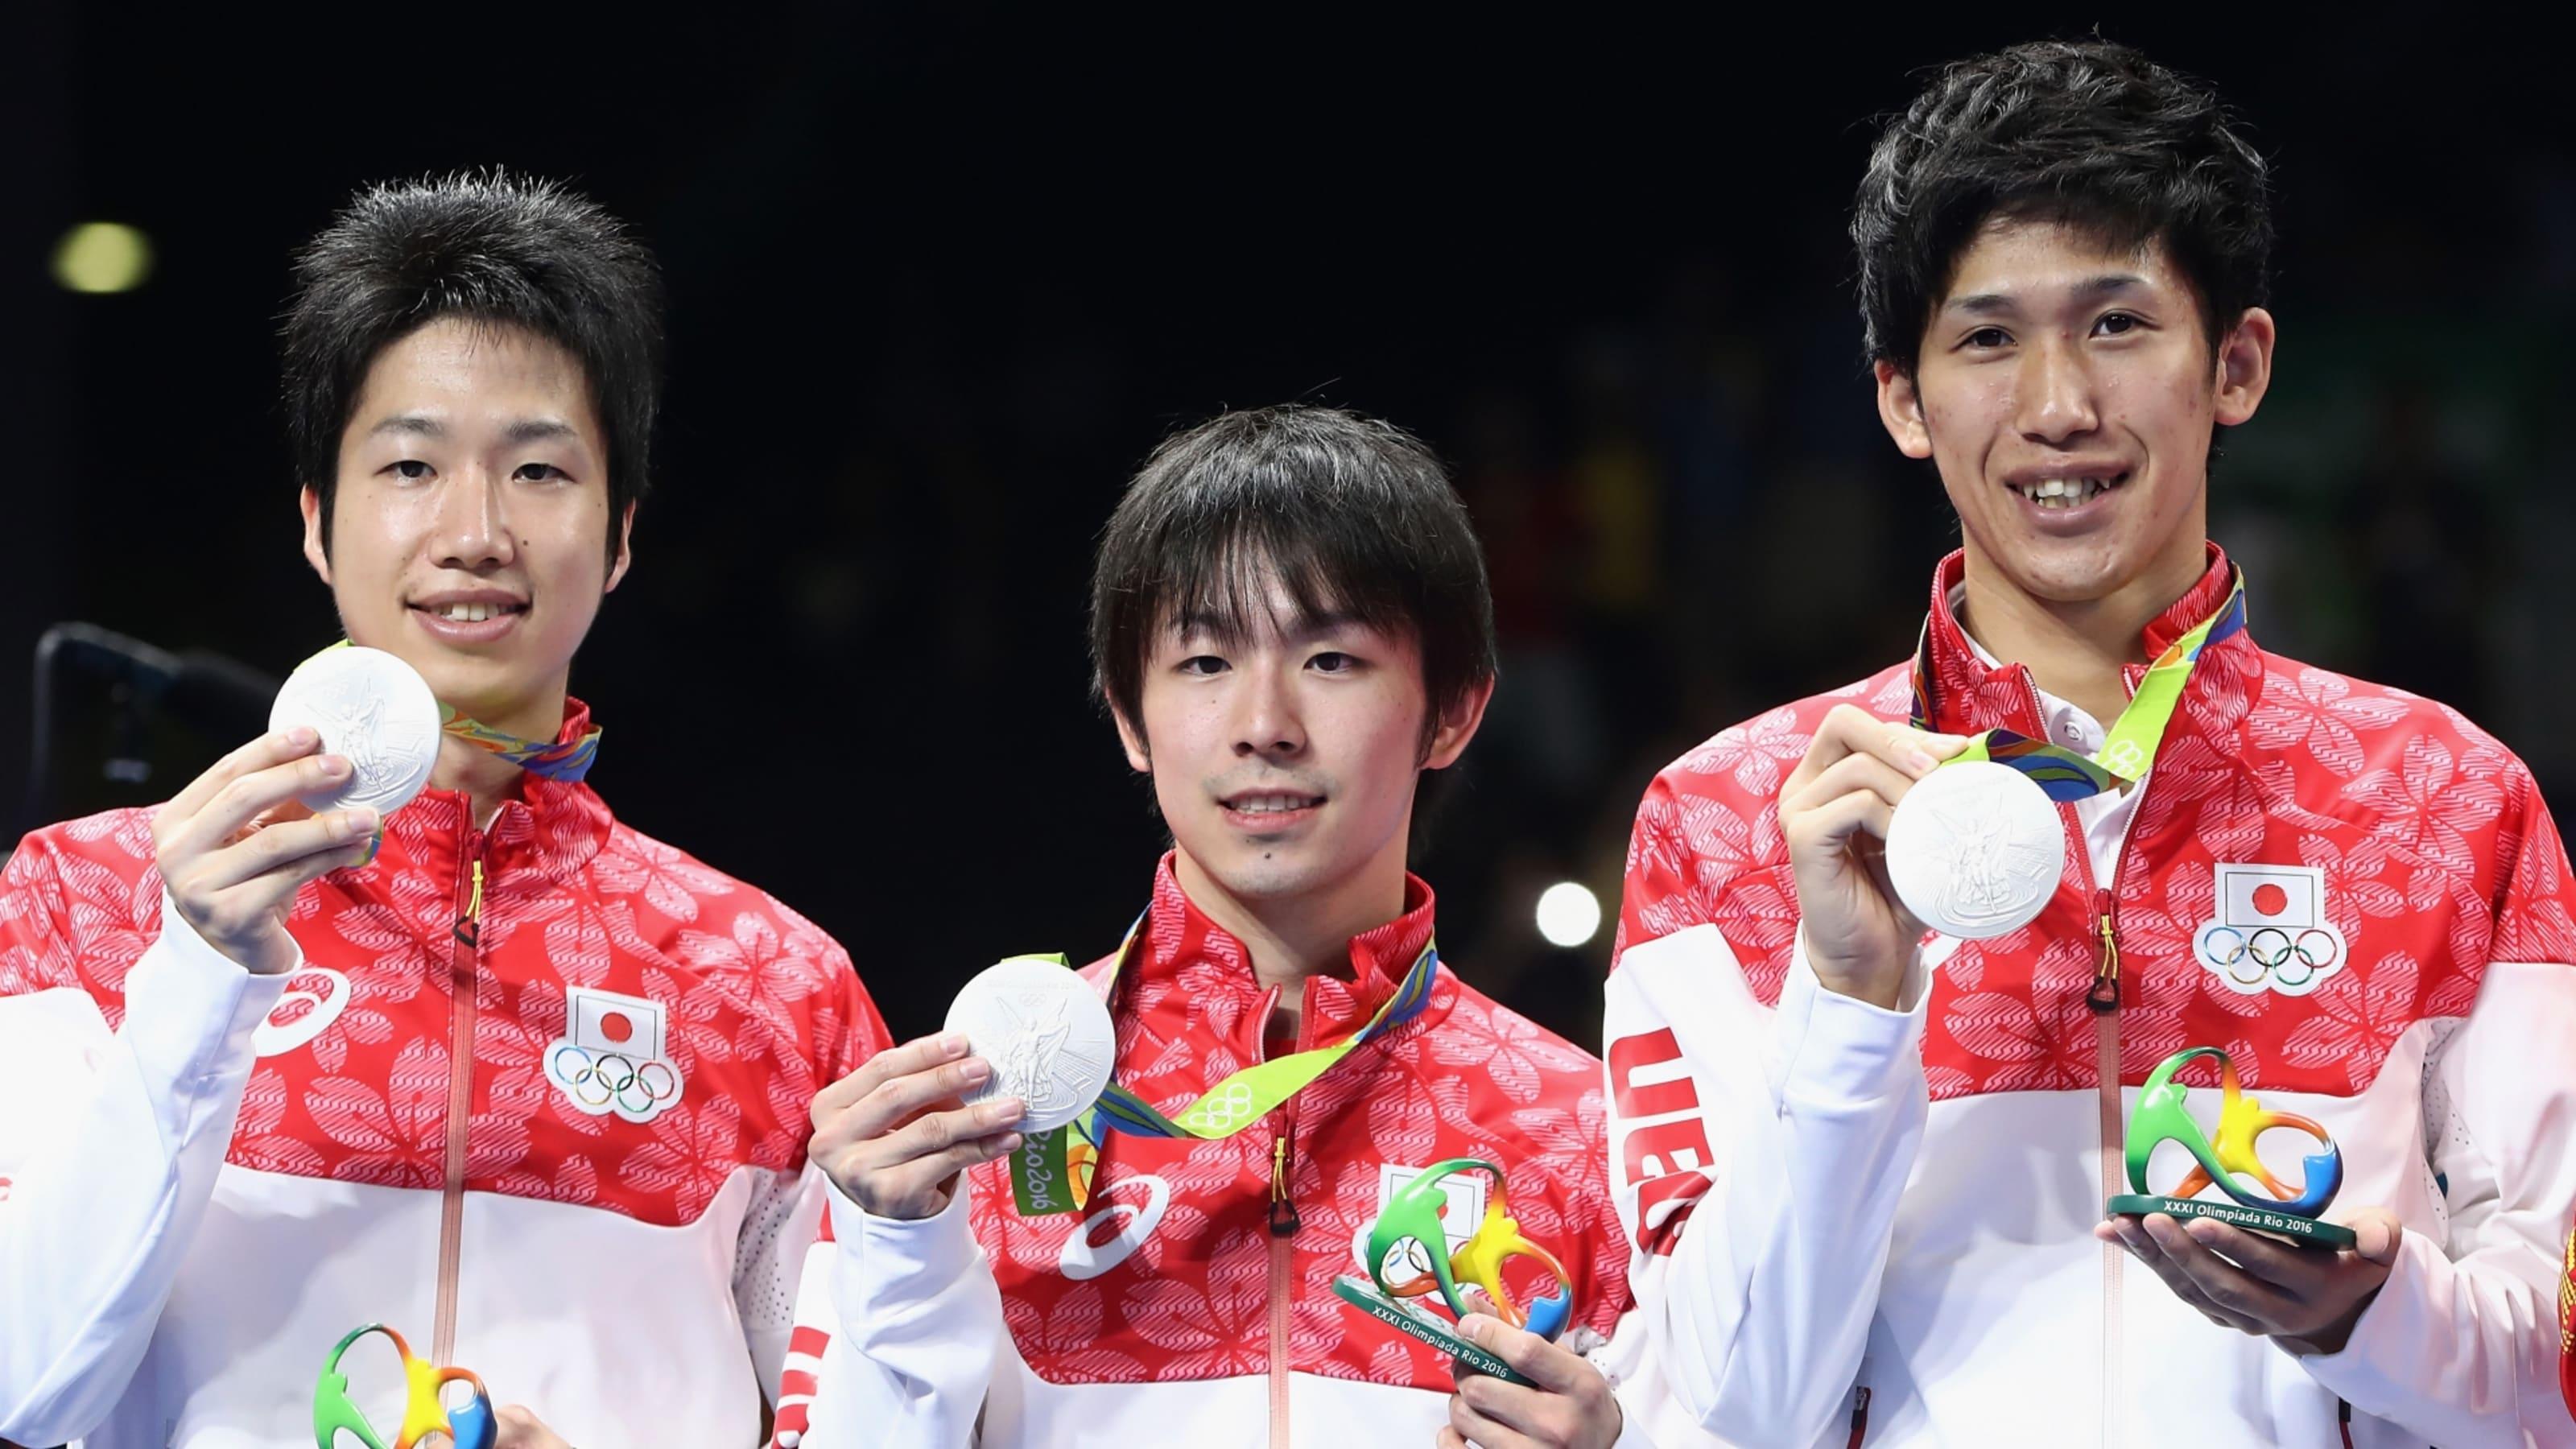 卓球 女子 オリンピック